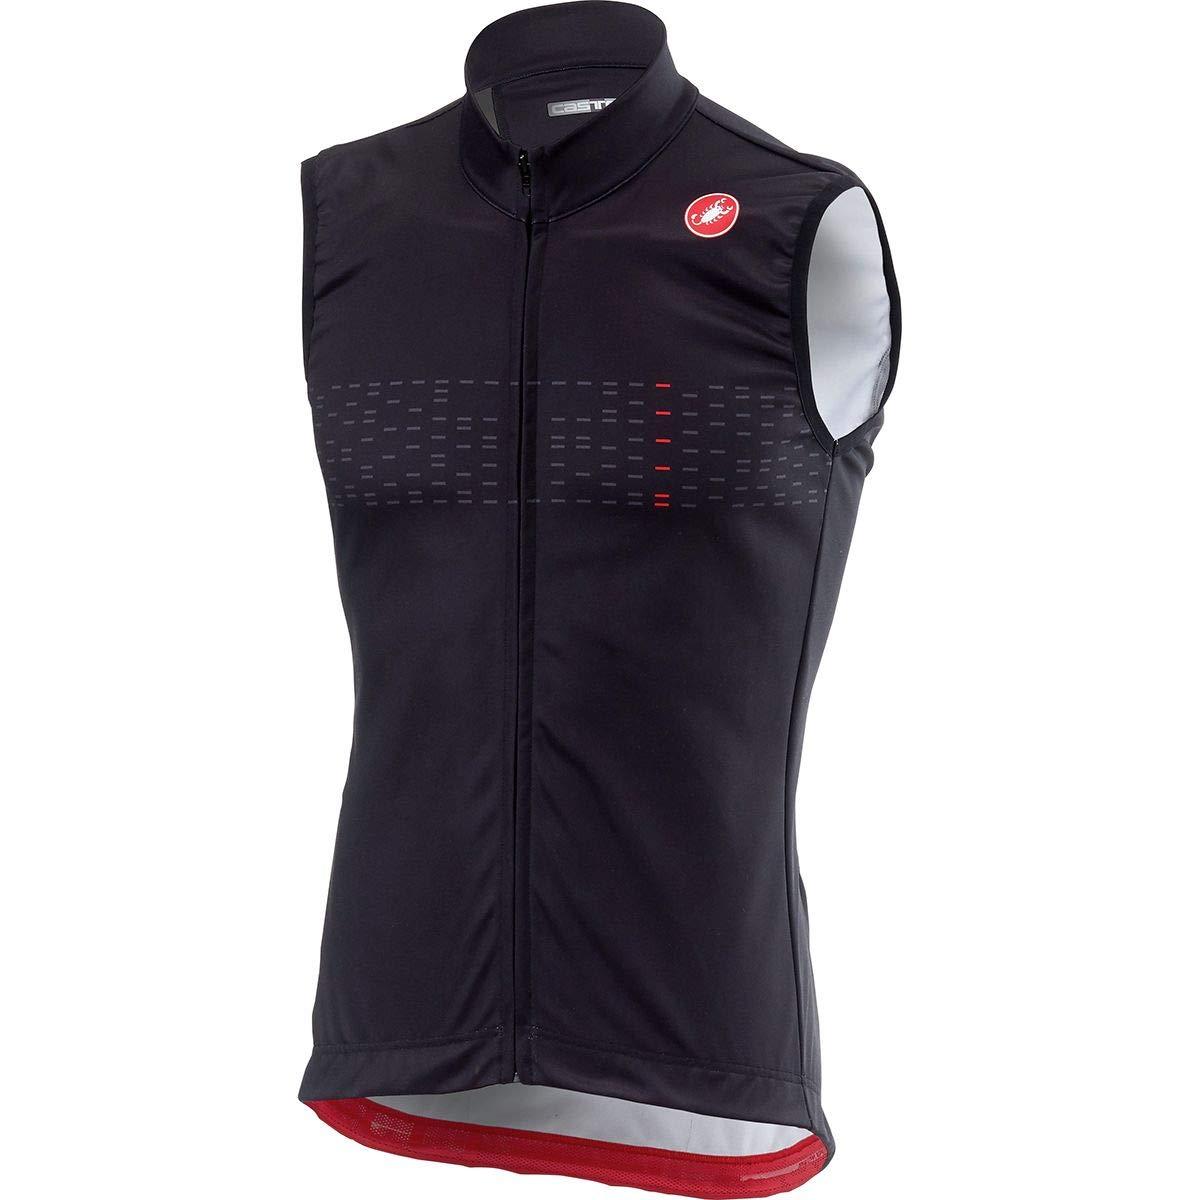 Castelli Thermal Pro Vest - Men's Light Black, L by Castelli